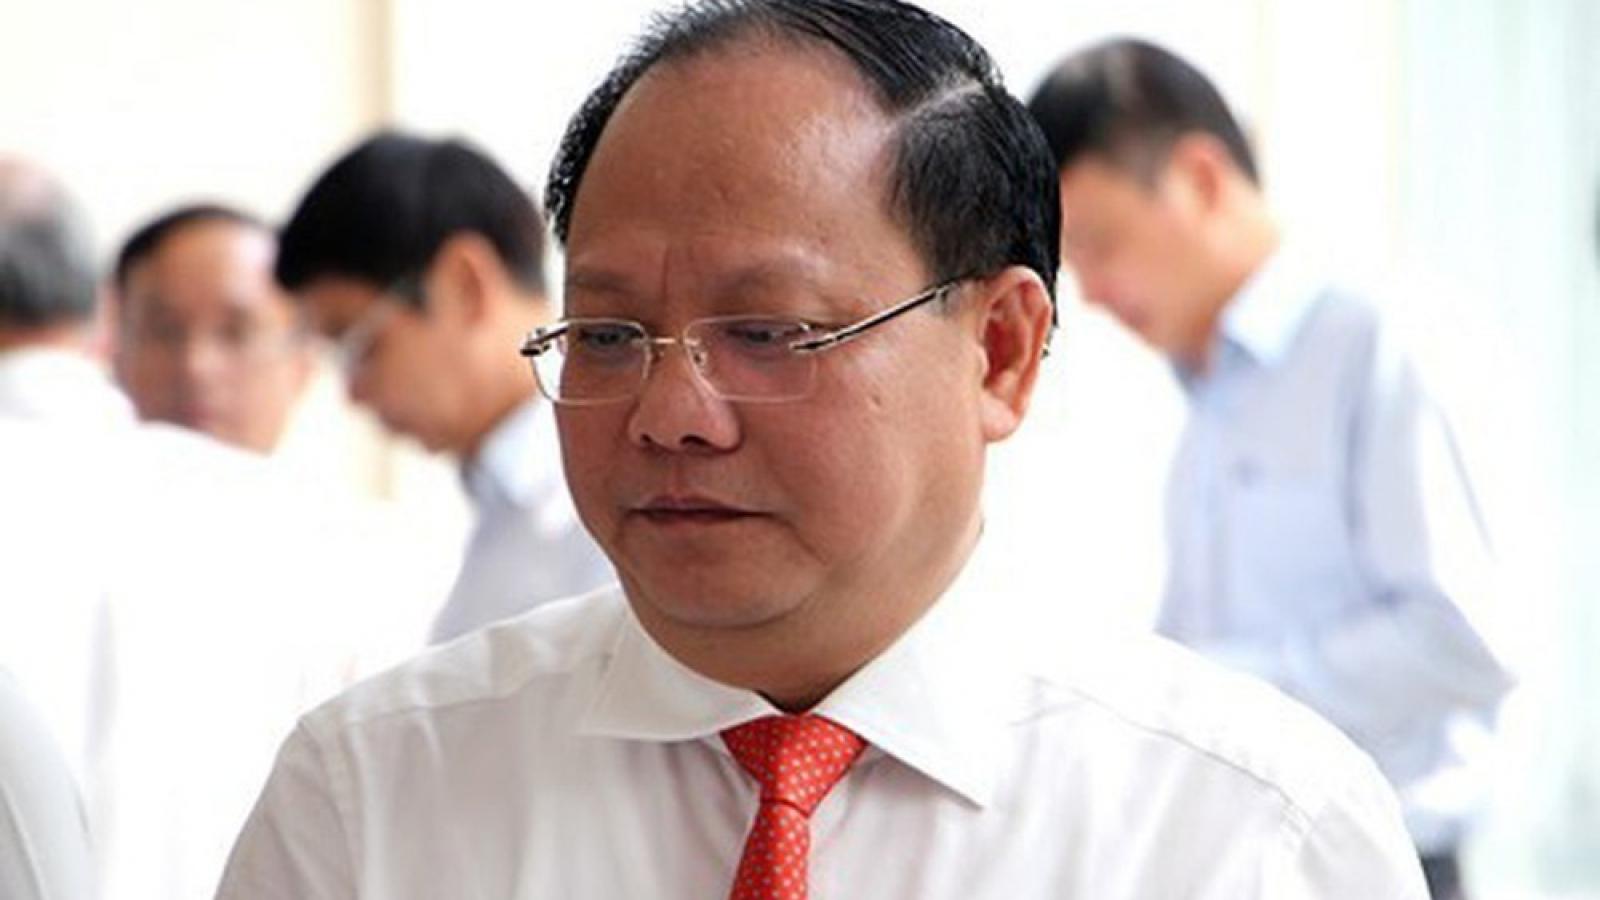 Người dân TPHCM nói gì trước thông tin ông Tất Thành Cang bị khởi tố?